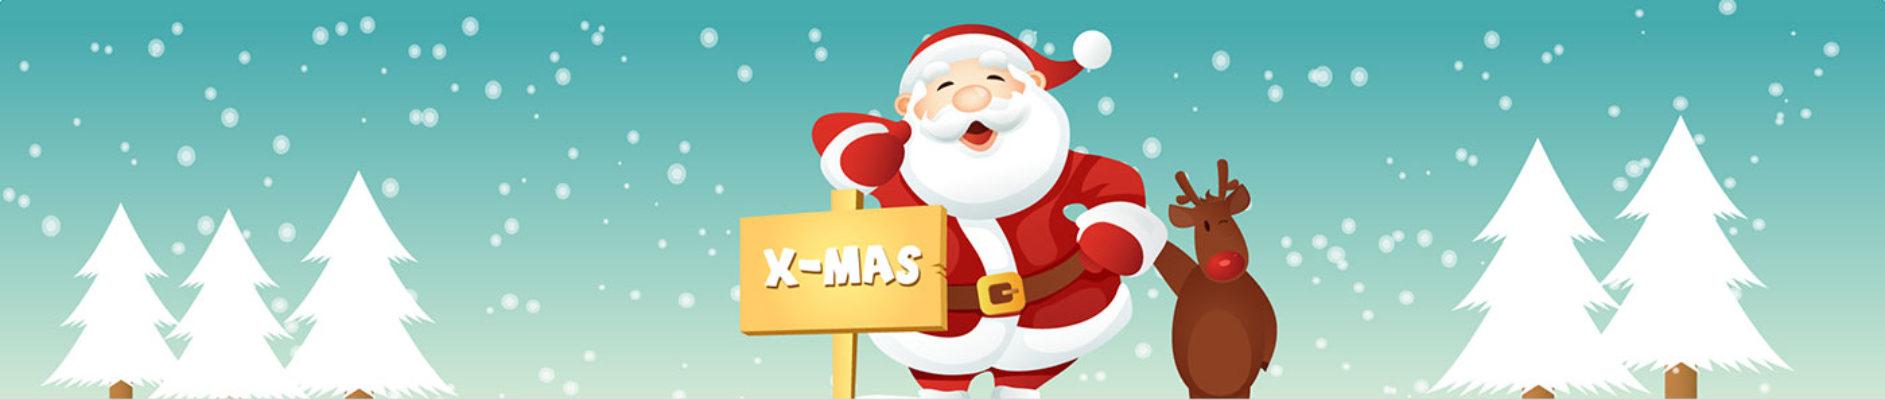 Santa Claus and Coca-Cola